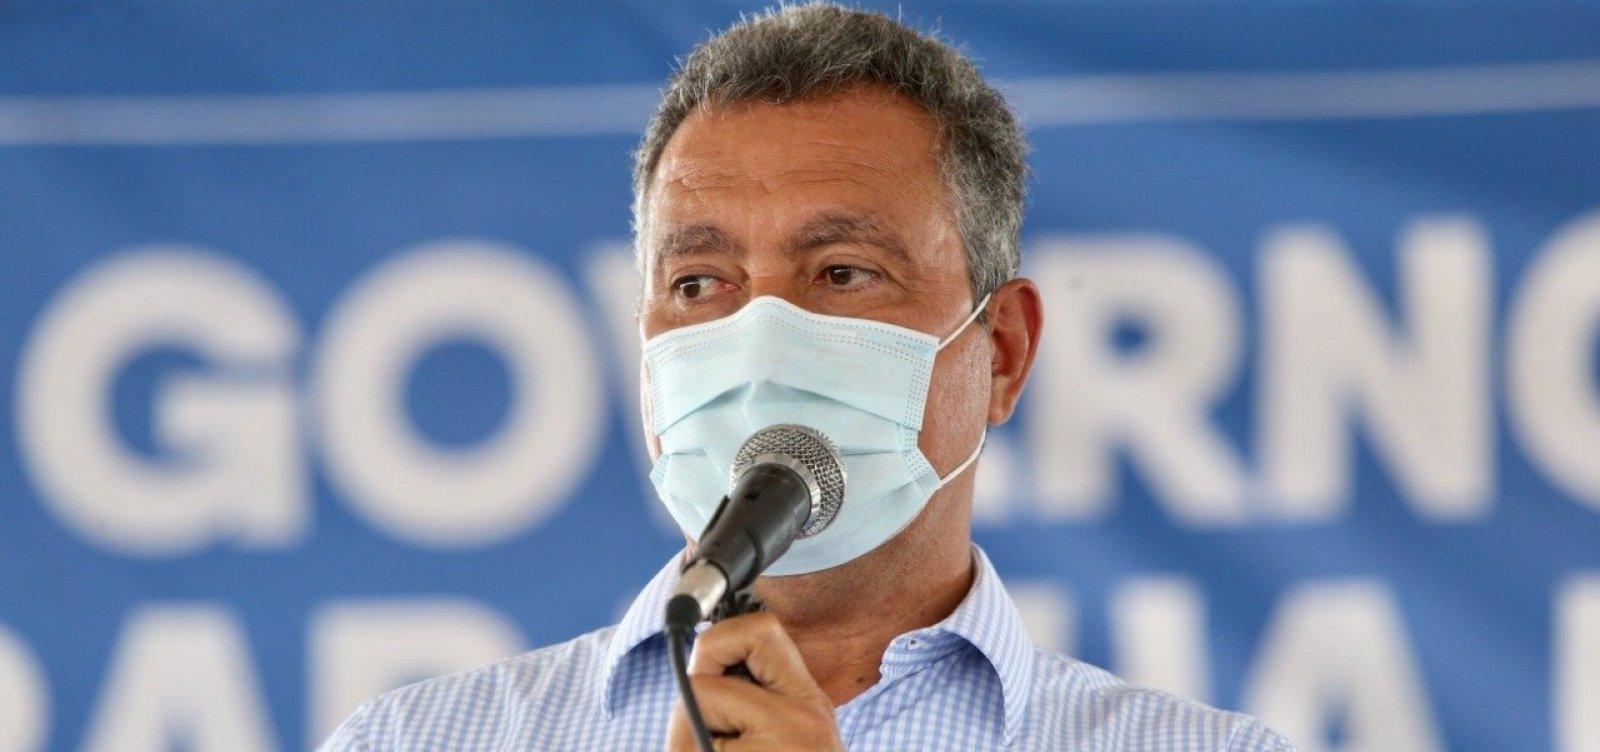 Governo prorroga até 10 de setembro decreto que permite eventos com até 500 pessoas na Bahia